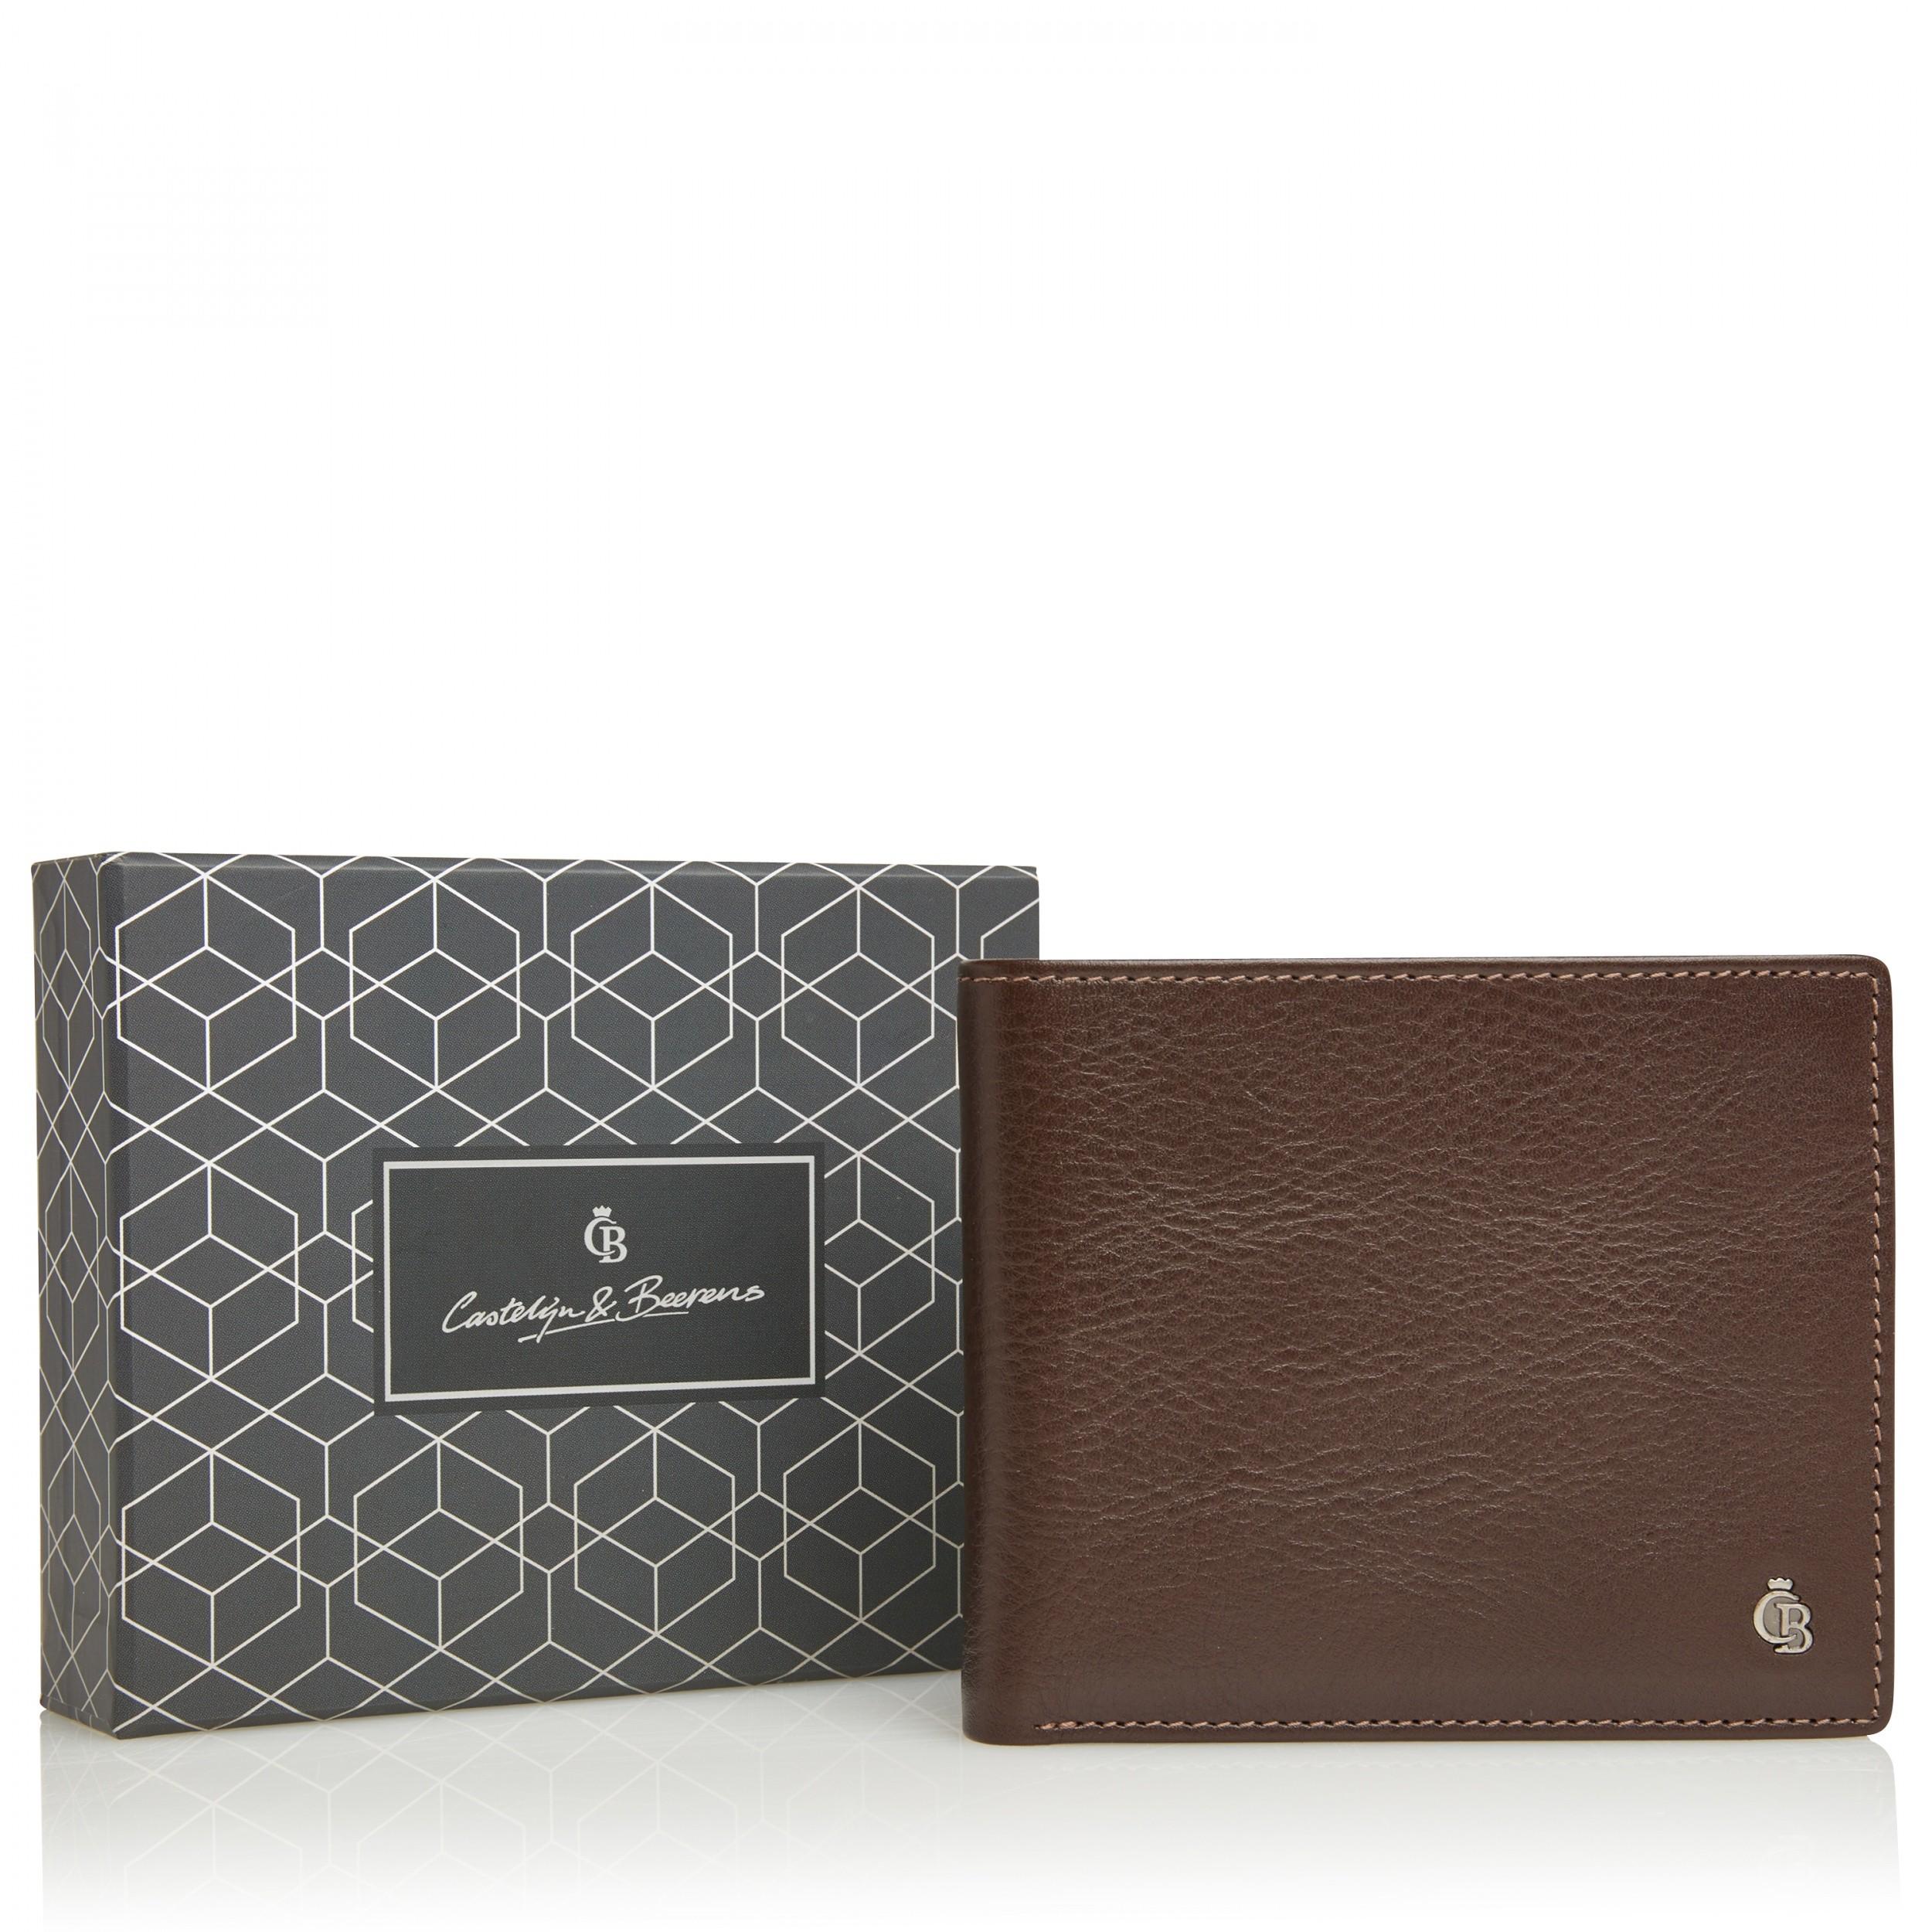 Castelijn & Beerens 80 4196 Giftbox Billfold RFID Mocca